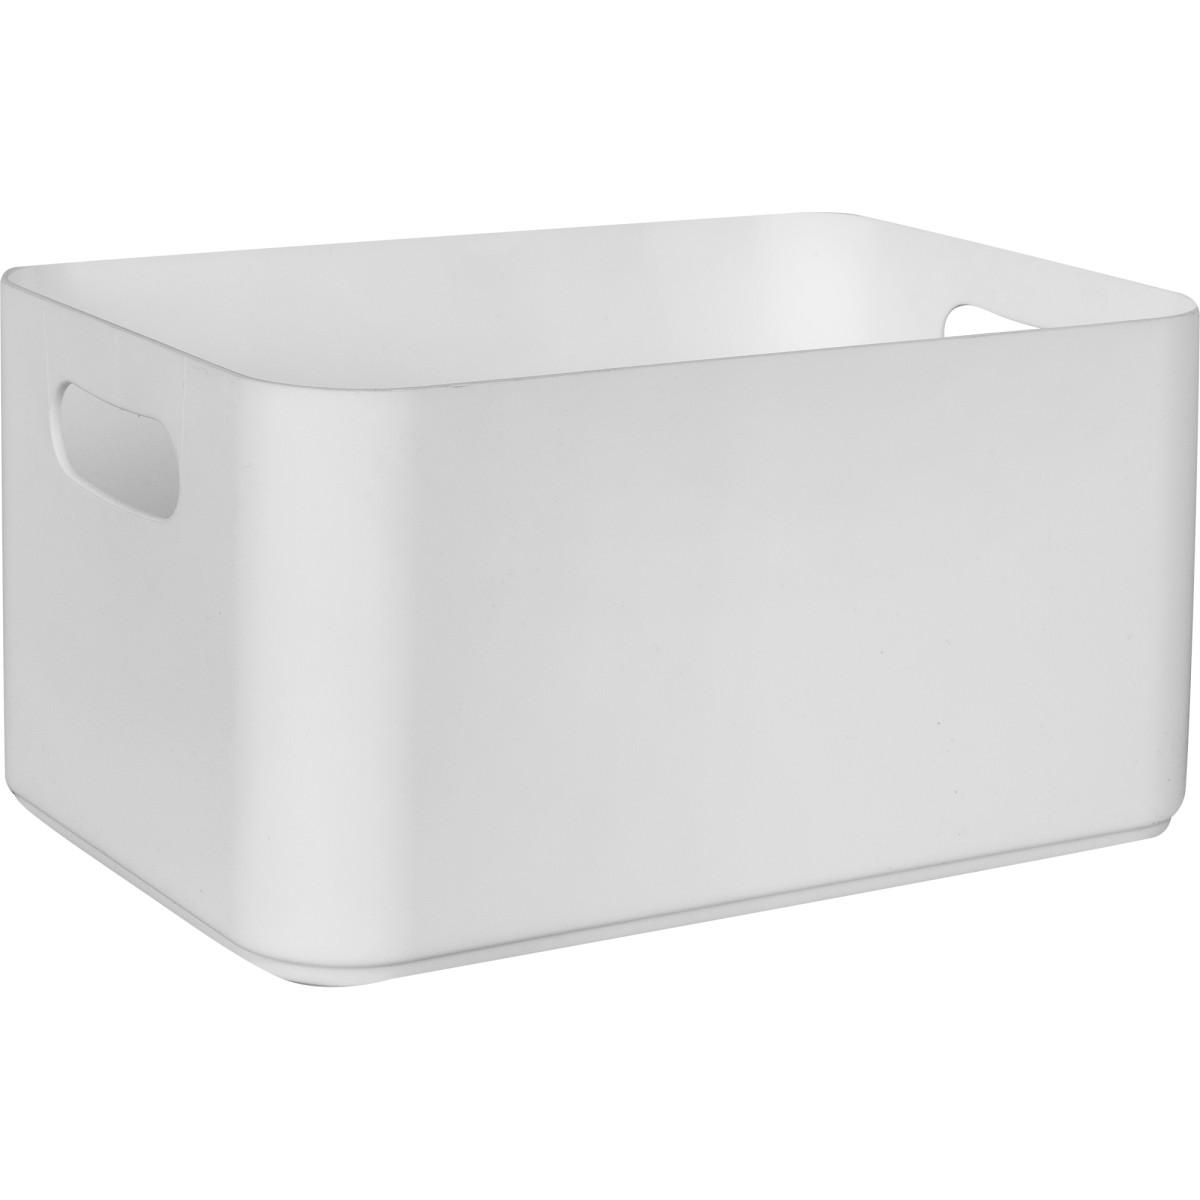 Ёмкость большая Berossi 22x12x15 см пластик цвет белый